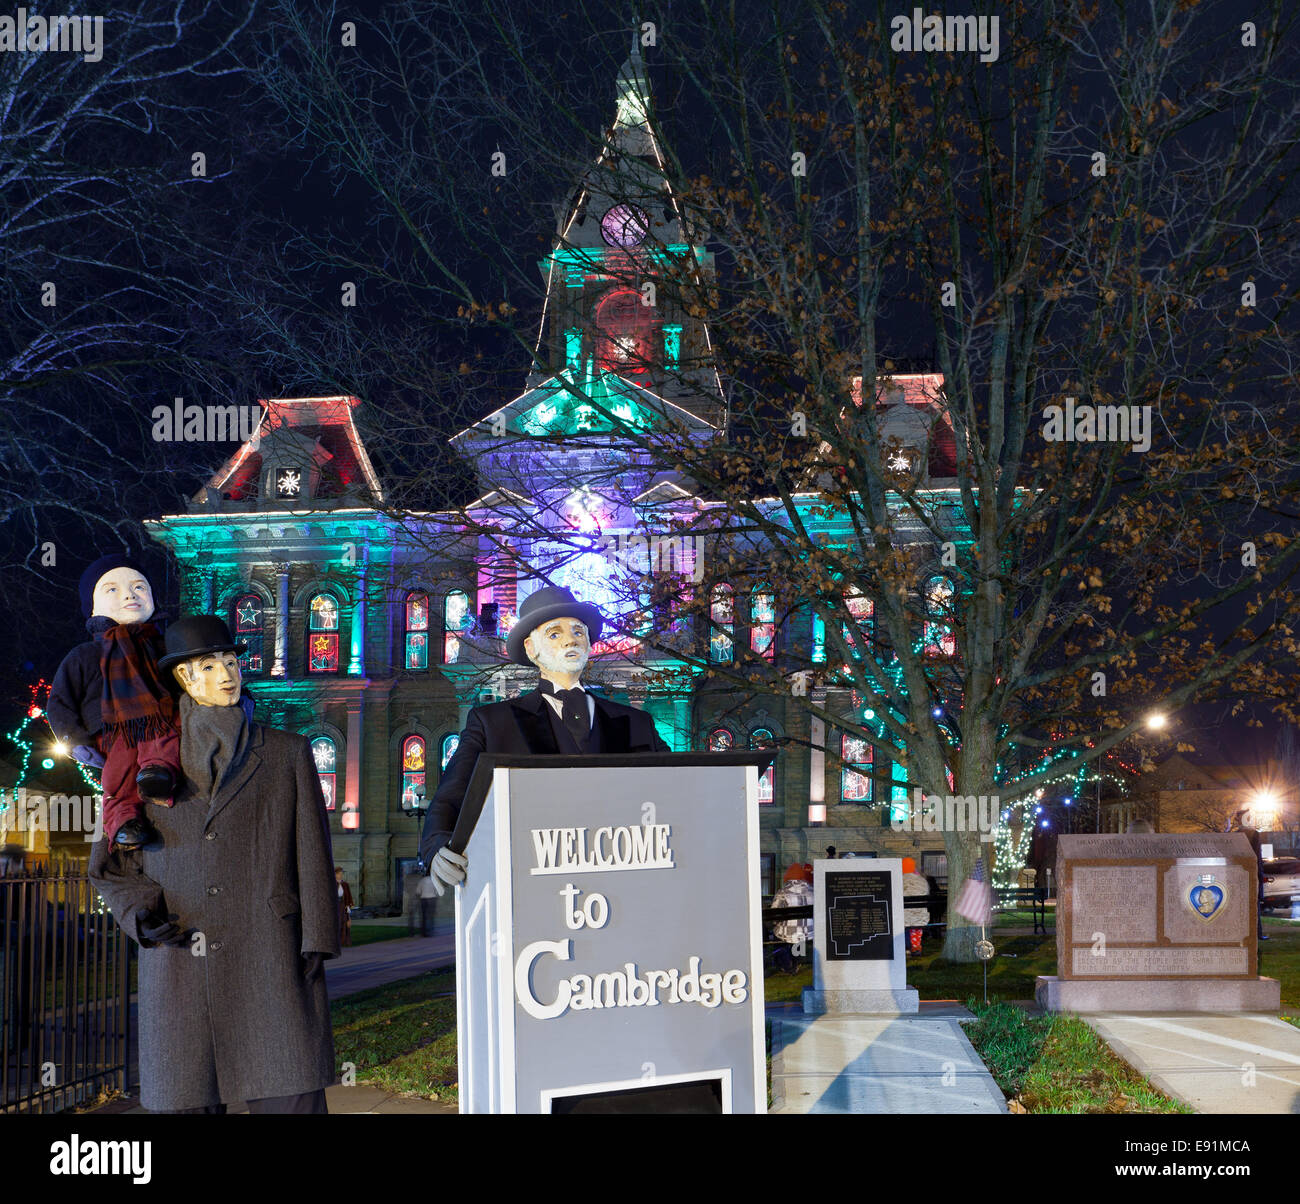 Cambridge Ohio Christmas Lighting Stock Photo: 74411354 - Alamy